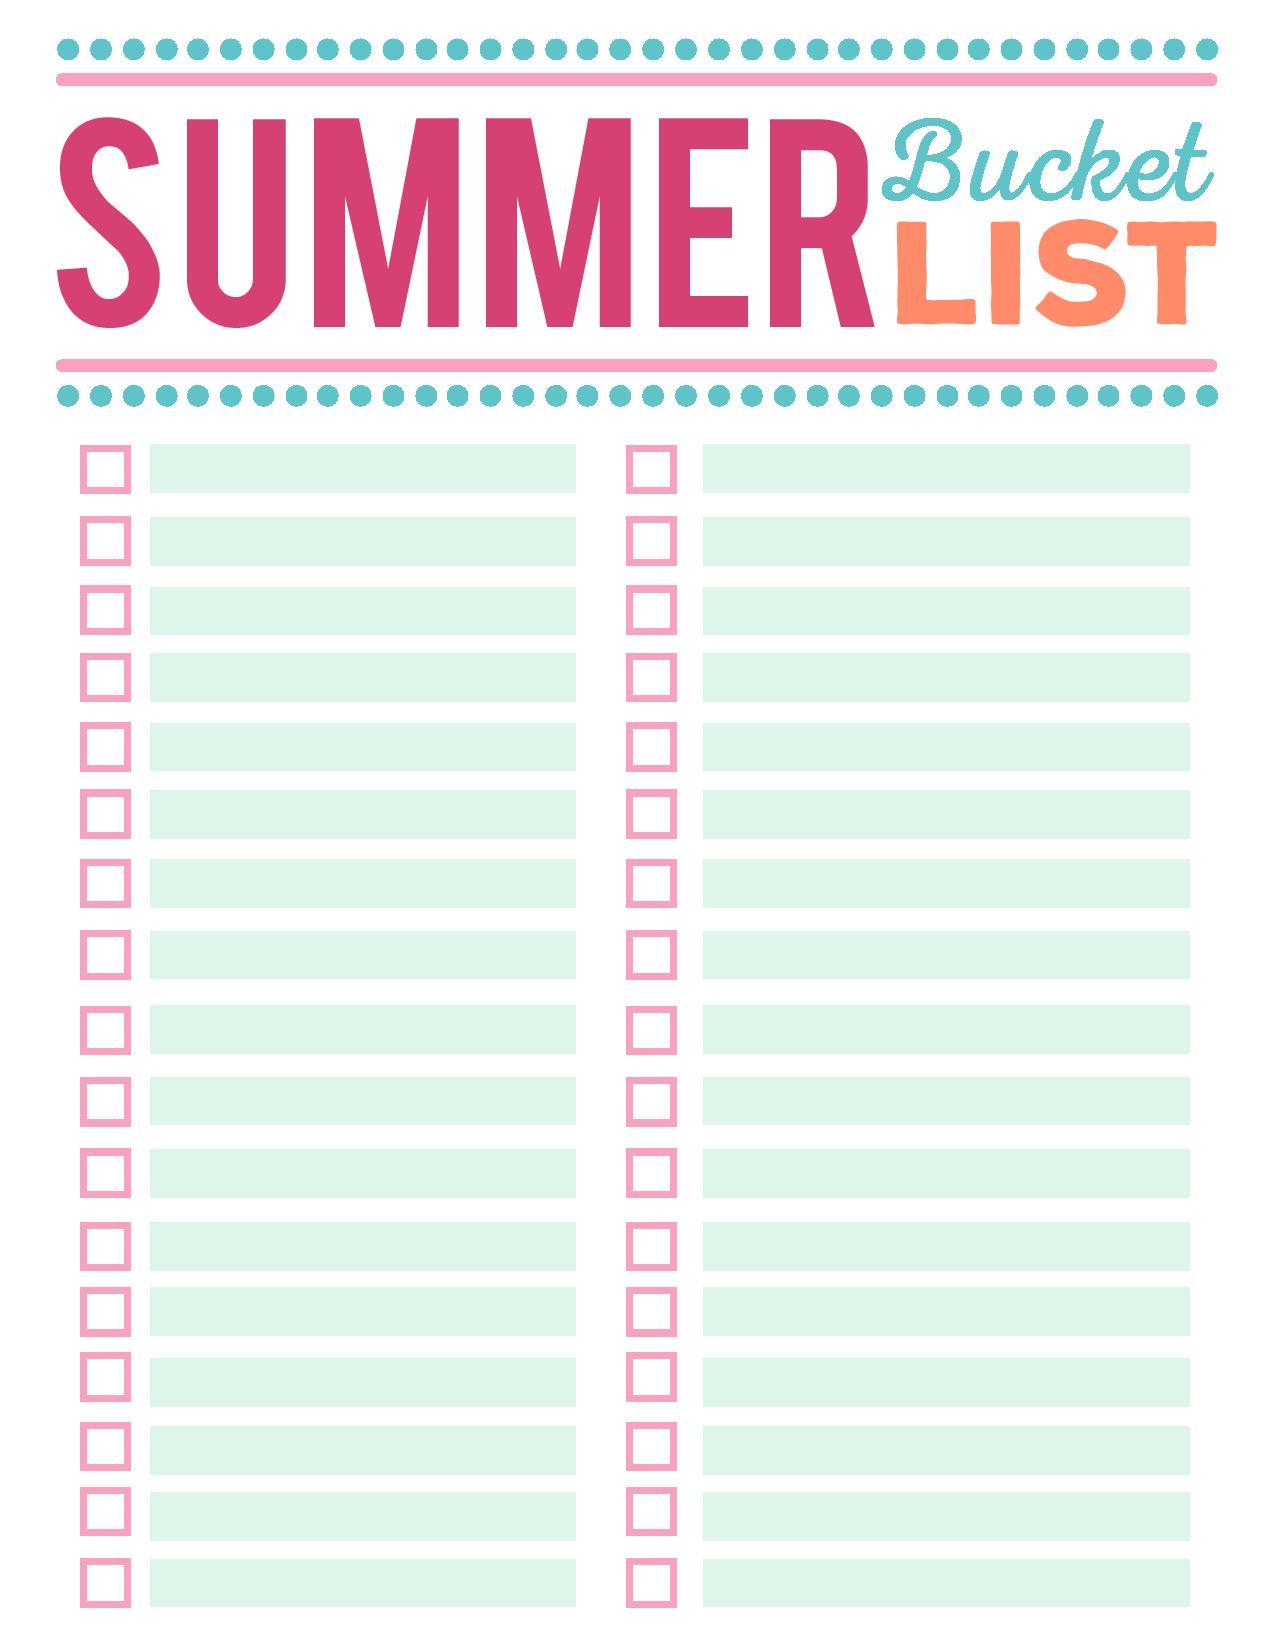 free printable bucket list template